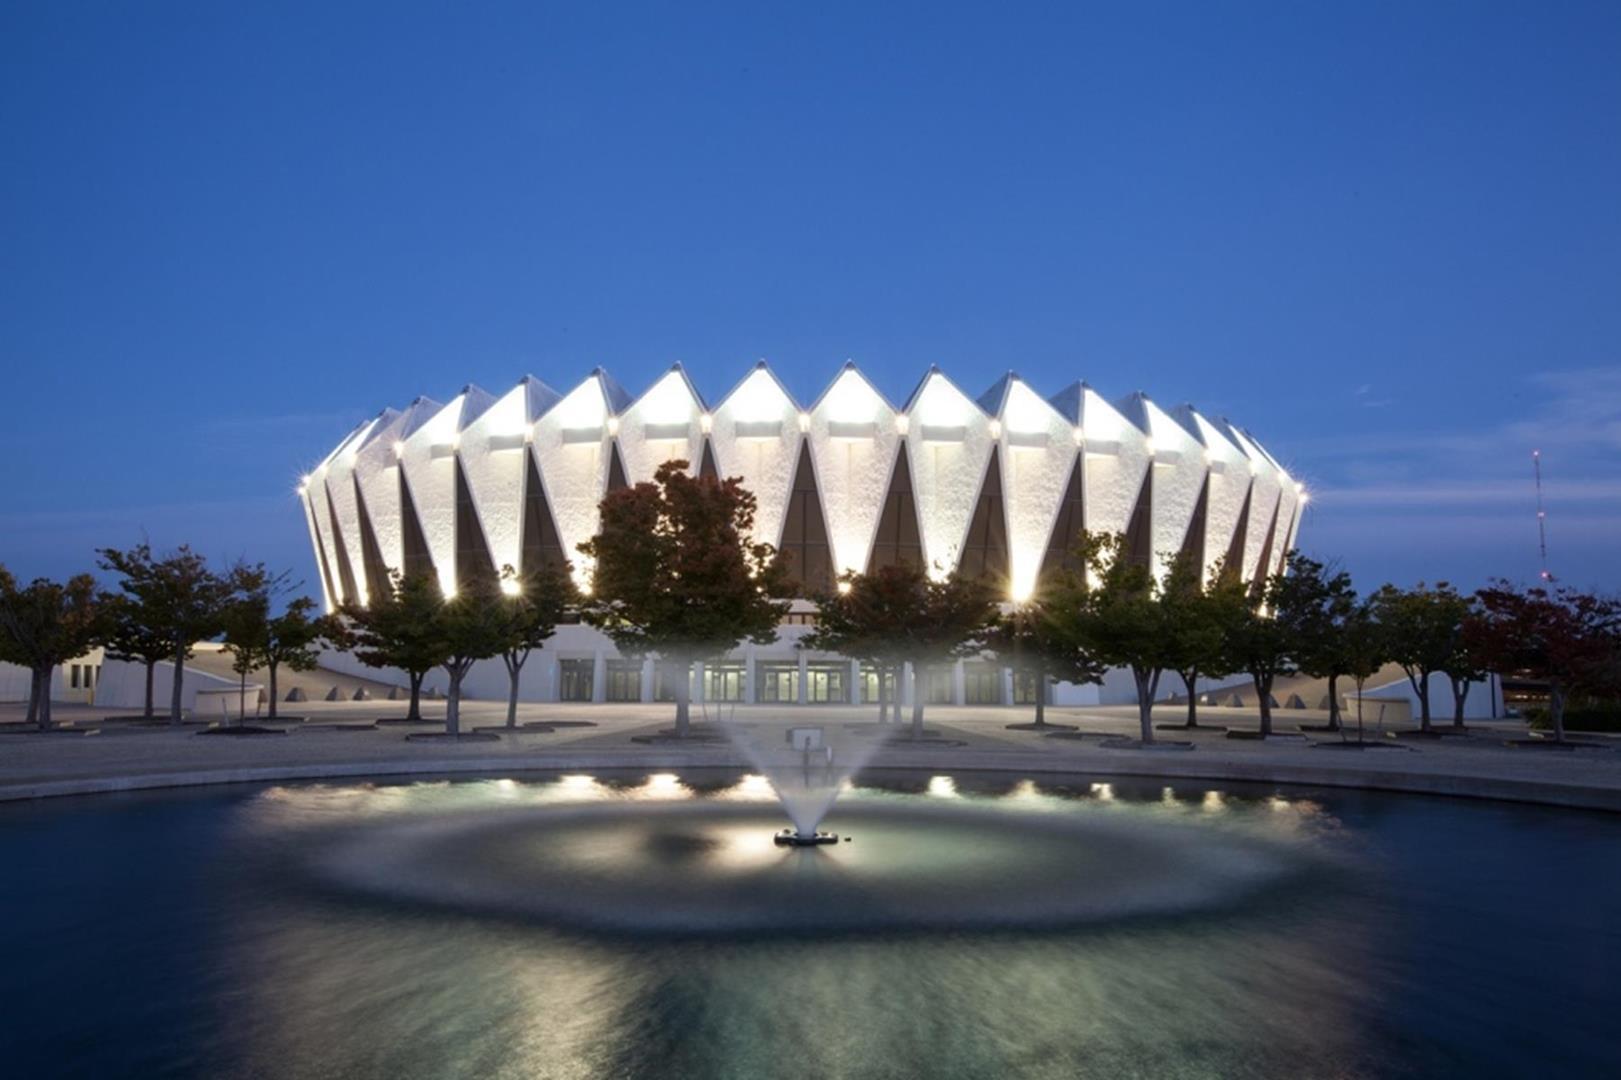 Hampton VA 5- Hampton Coliseum